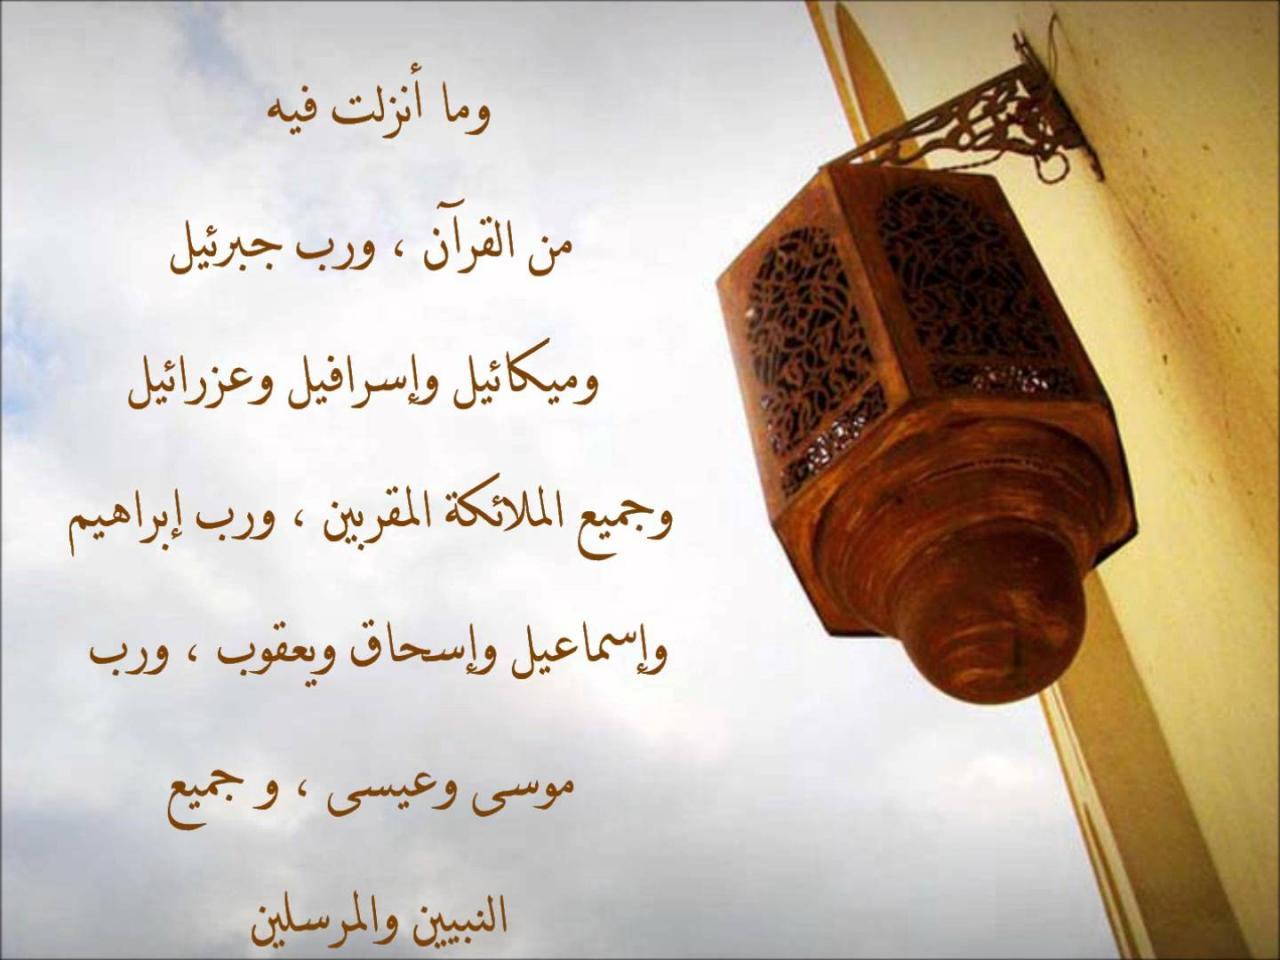 بالصور صور دينيه لرمضان ادعيه , اجمل صور رمضانية و ادعيه 11748 4